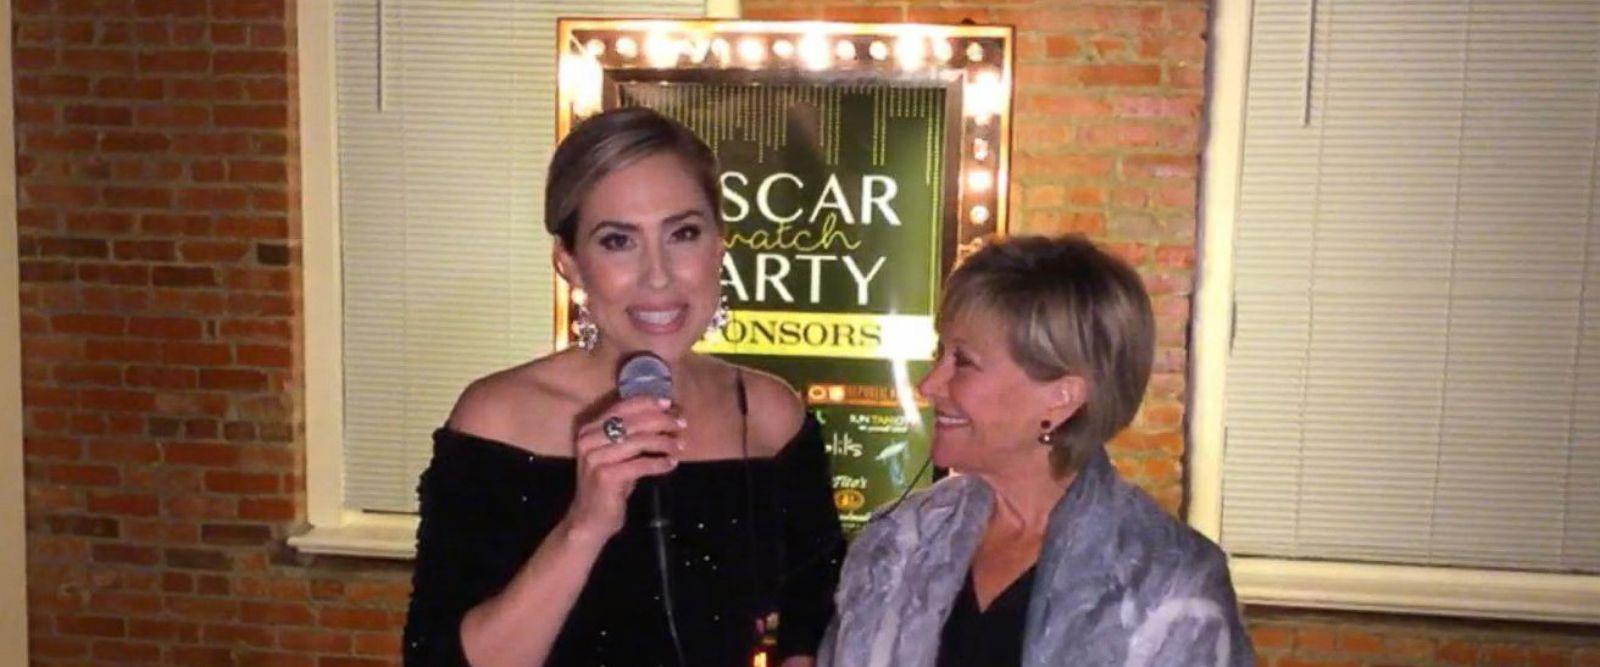 VIDEO: Inside Louisville's Oscars watch party